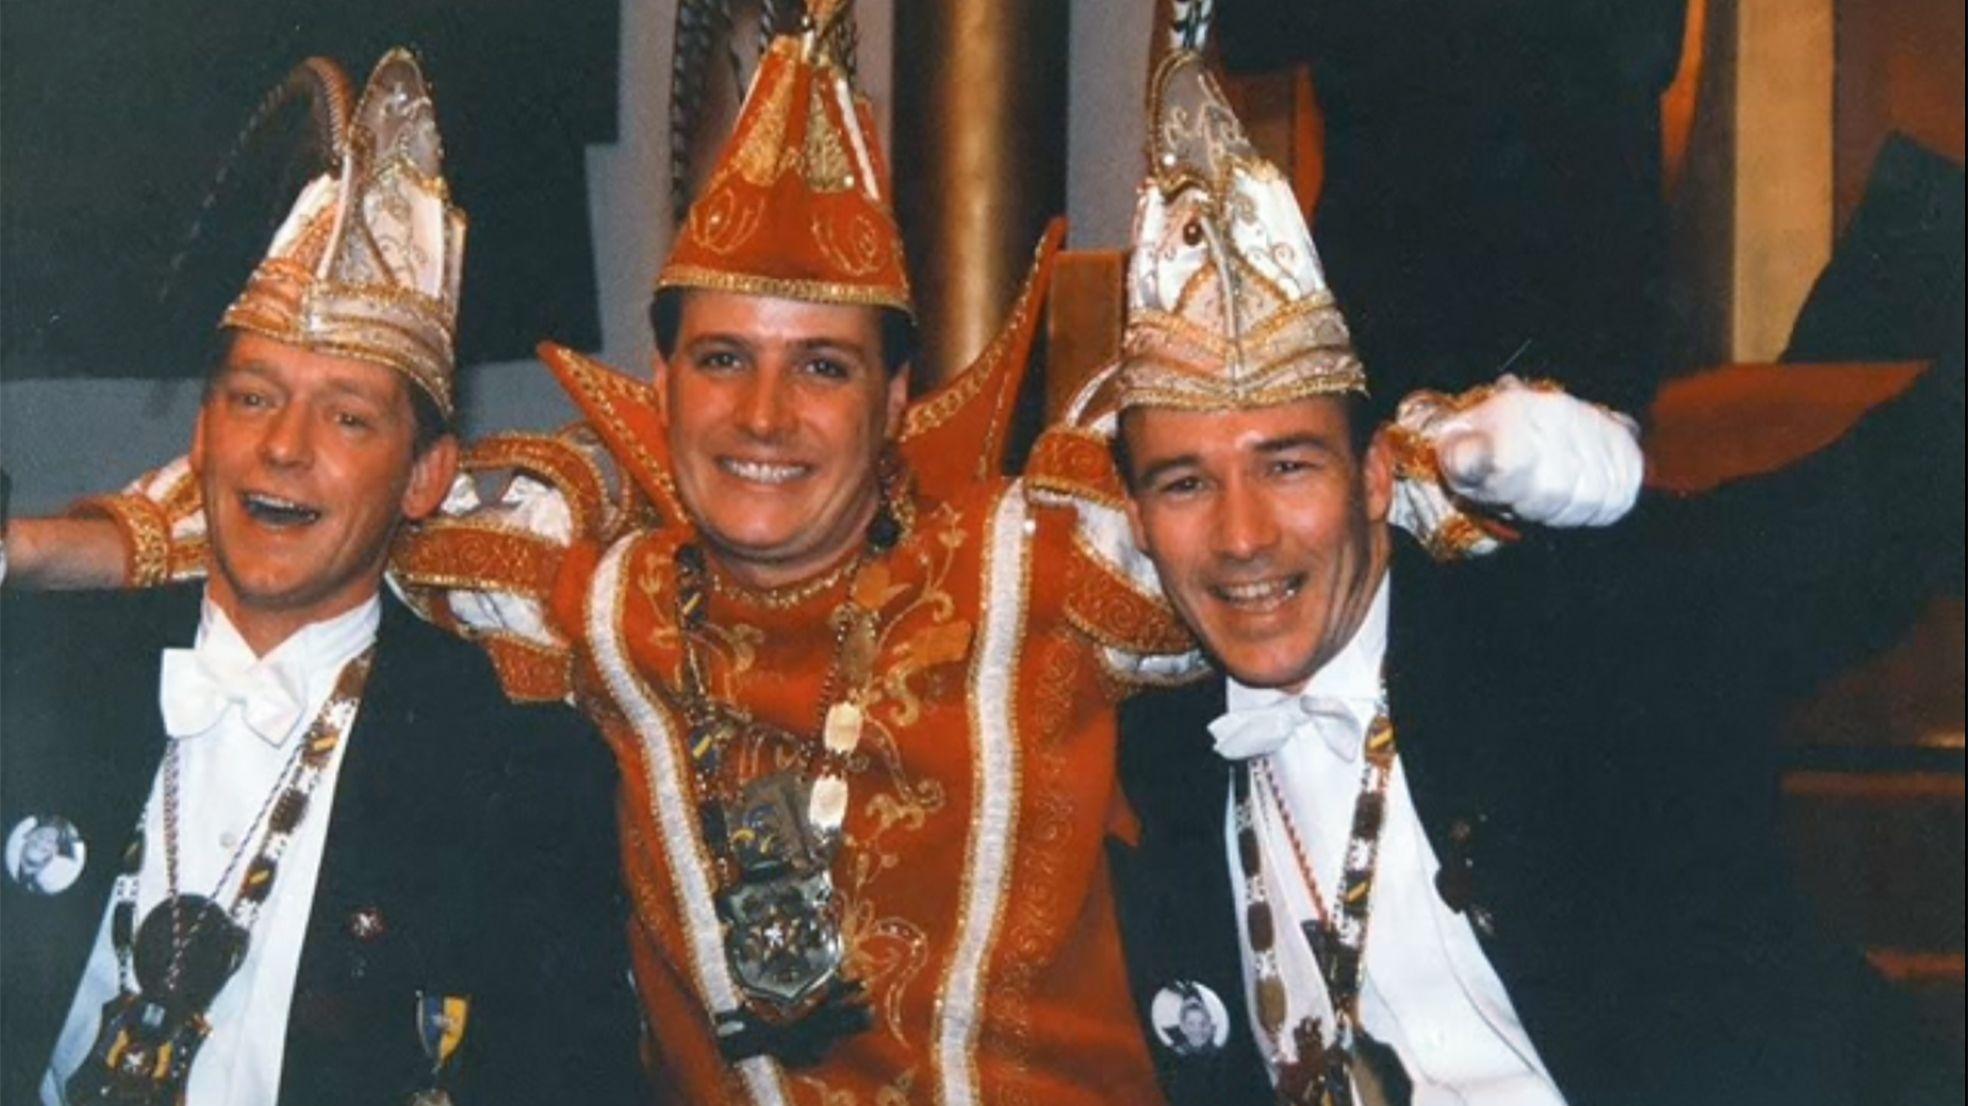 1999 Prins Carnaval fritsvan Eerd